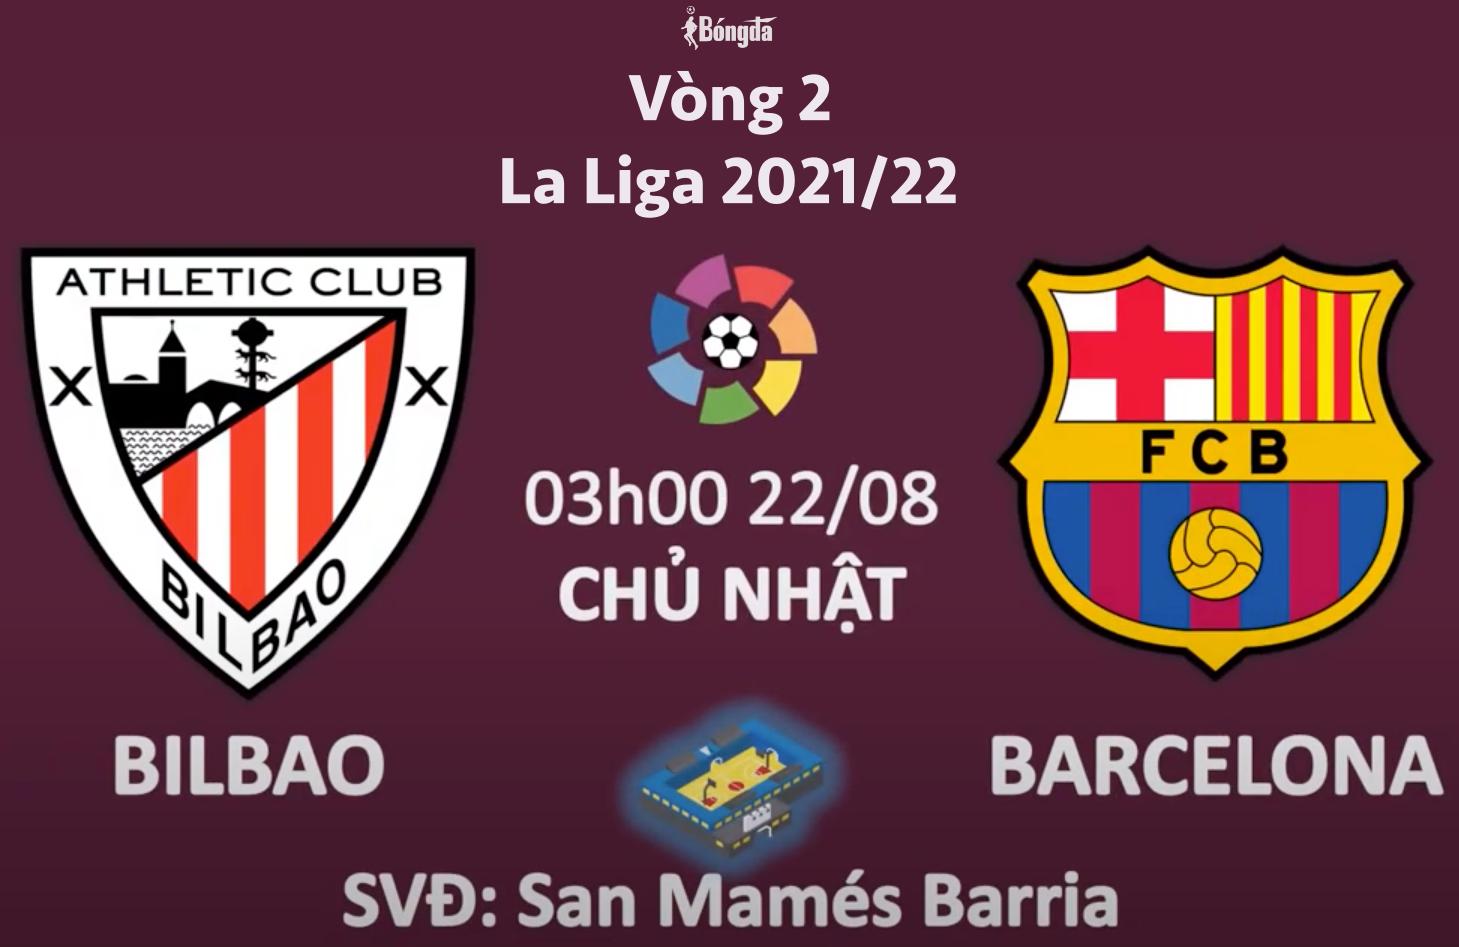 Nhận định A.Bilbao vs Barcelona 22/8: Barca vắng Messi tưởng không mạnh, thật ra mạnh không tưởng